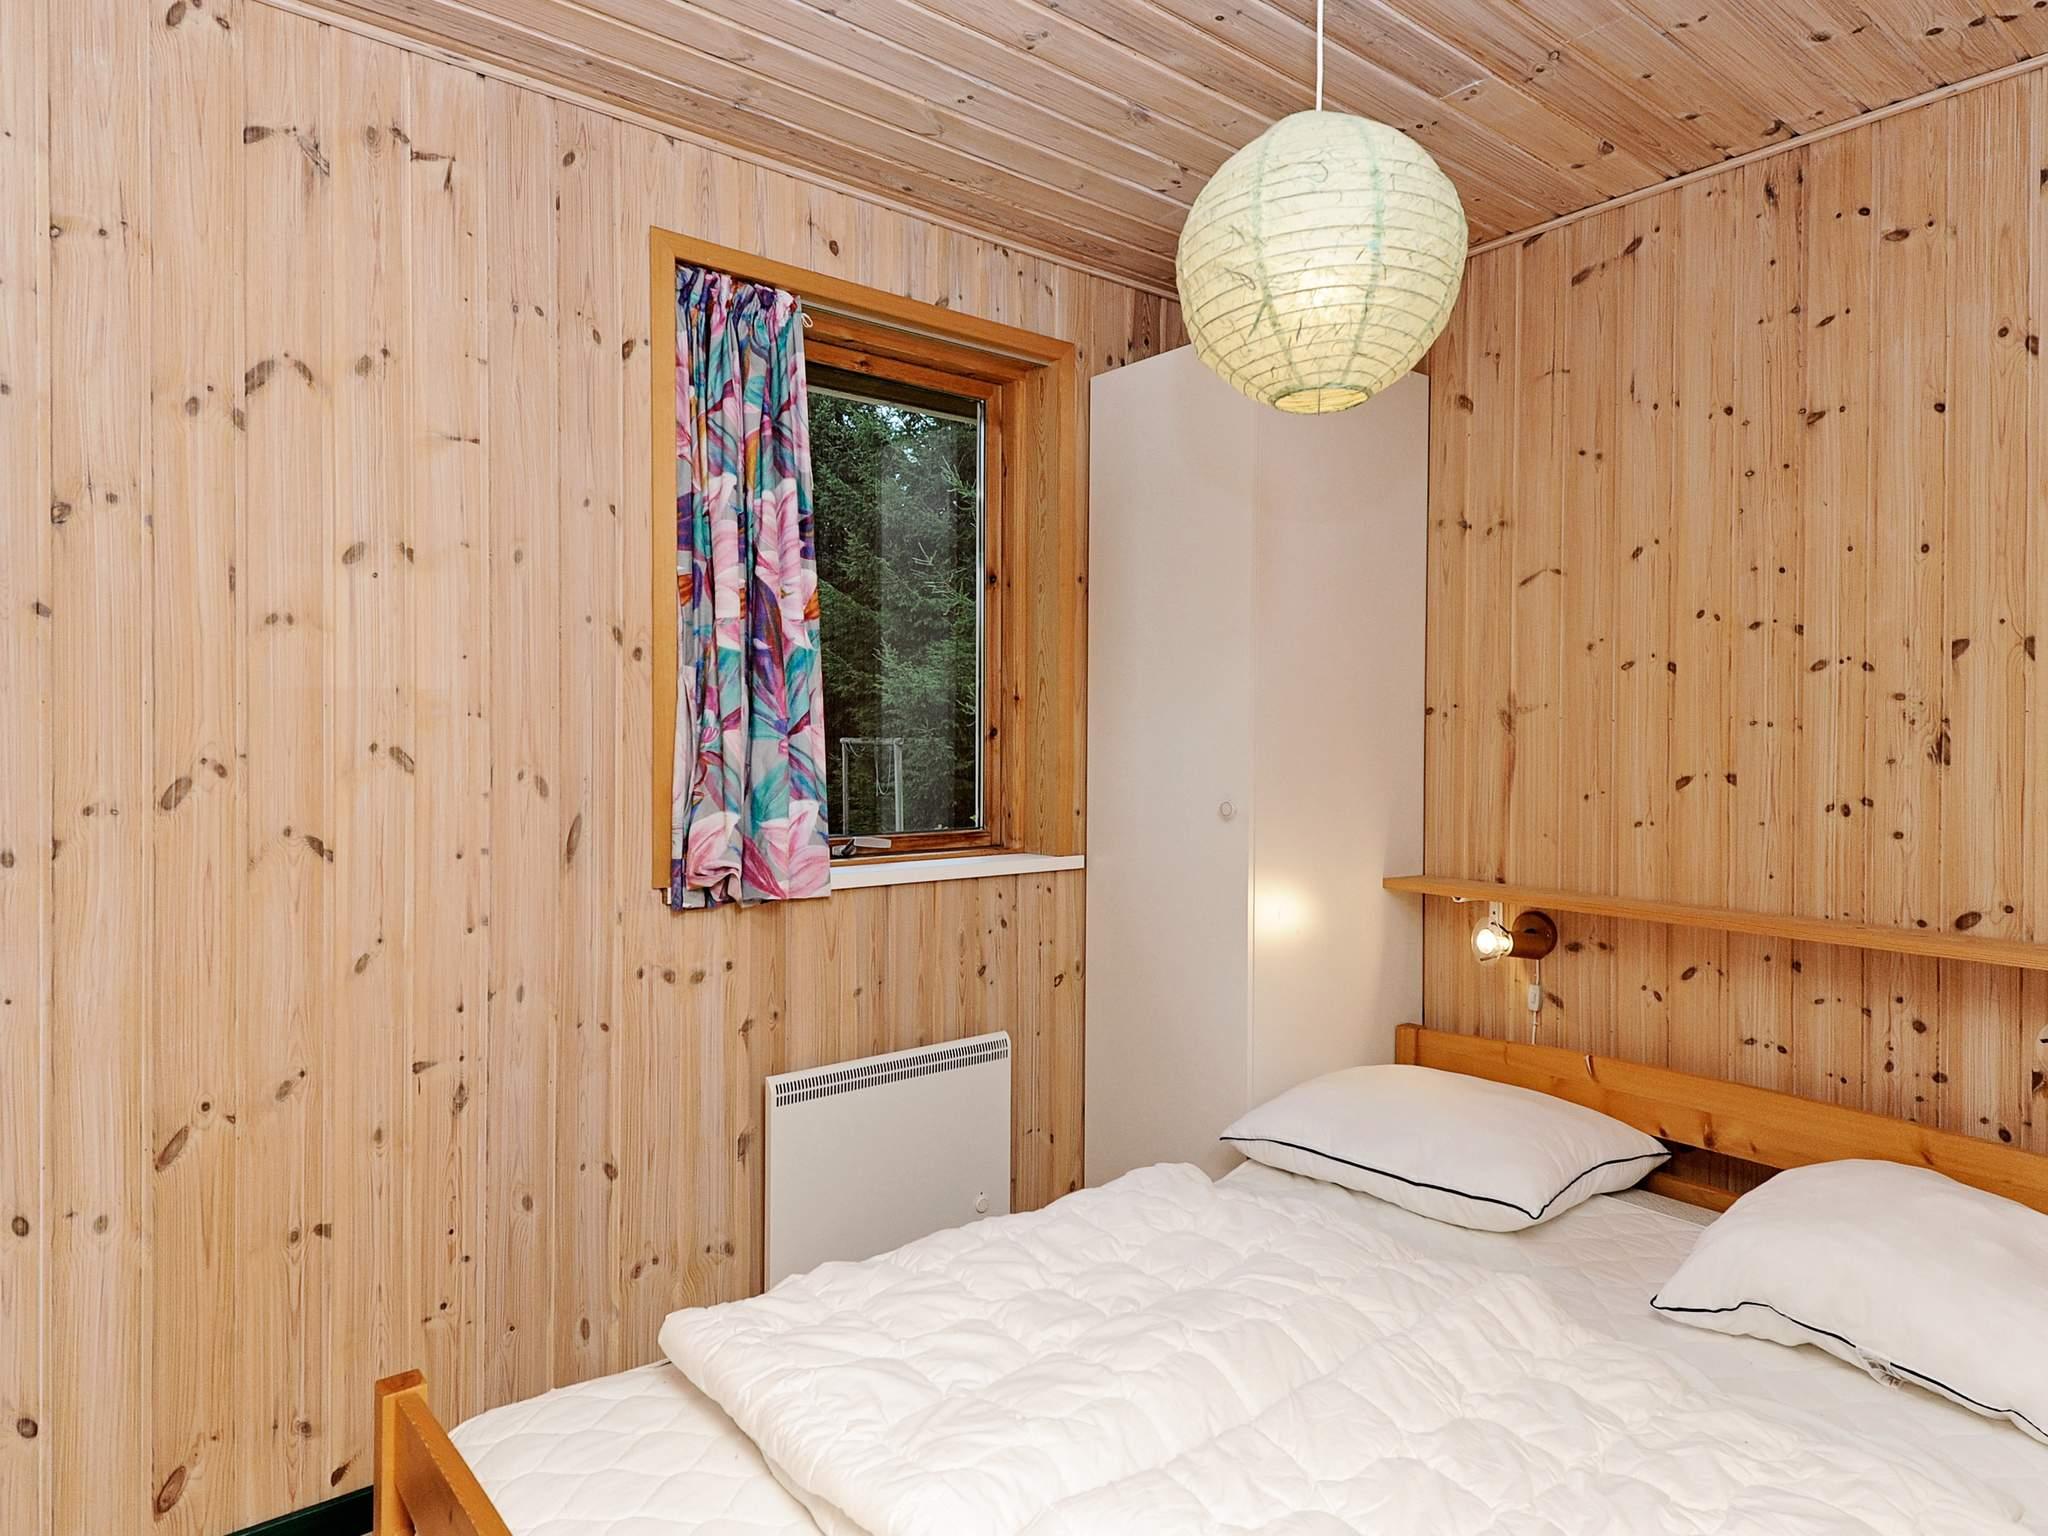 Ferienhaus Silkeborg (995795), Silkeborg, , Ostjütland, Dänemark, Bild 15